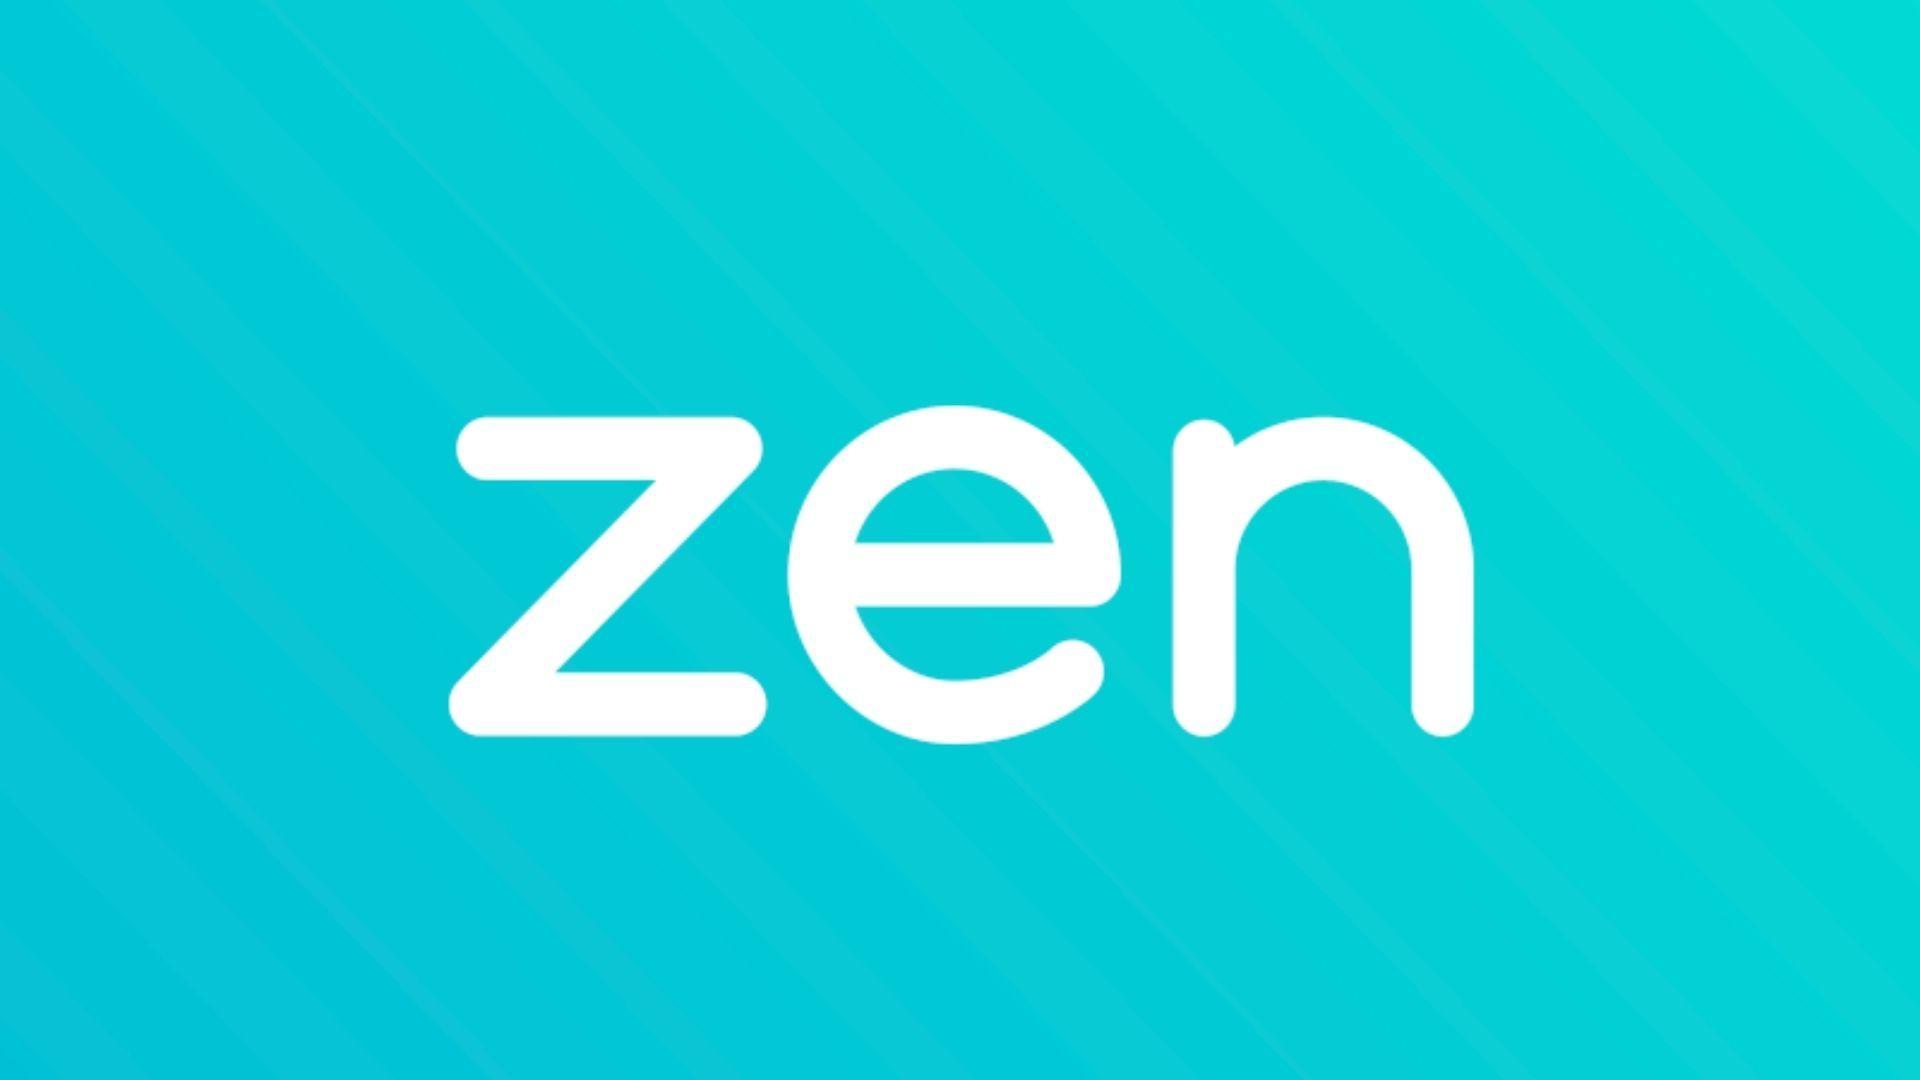 Zen te ajuda a aprender como dormir bem (Foto: Divulgação)